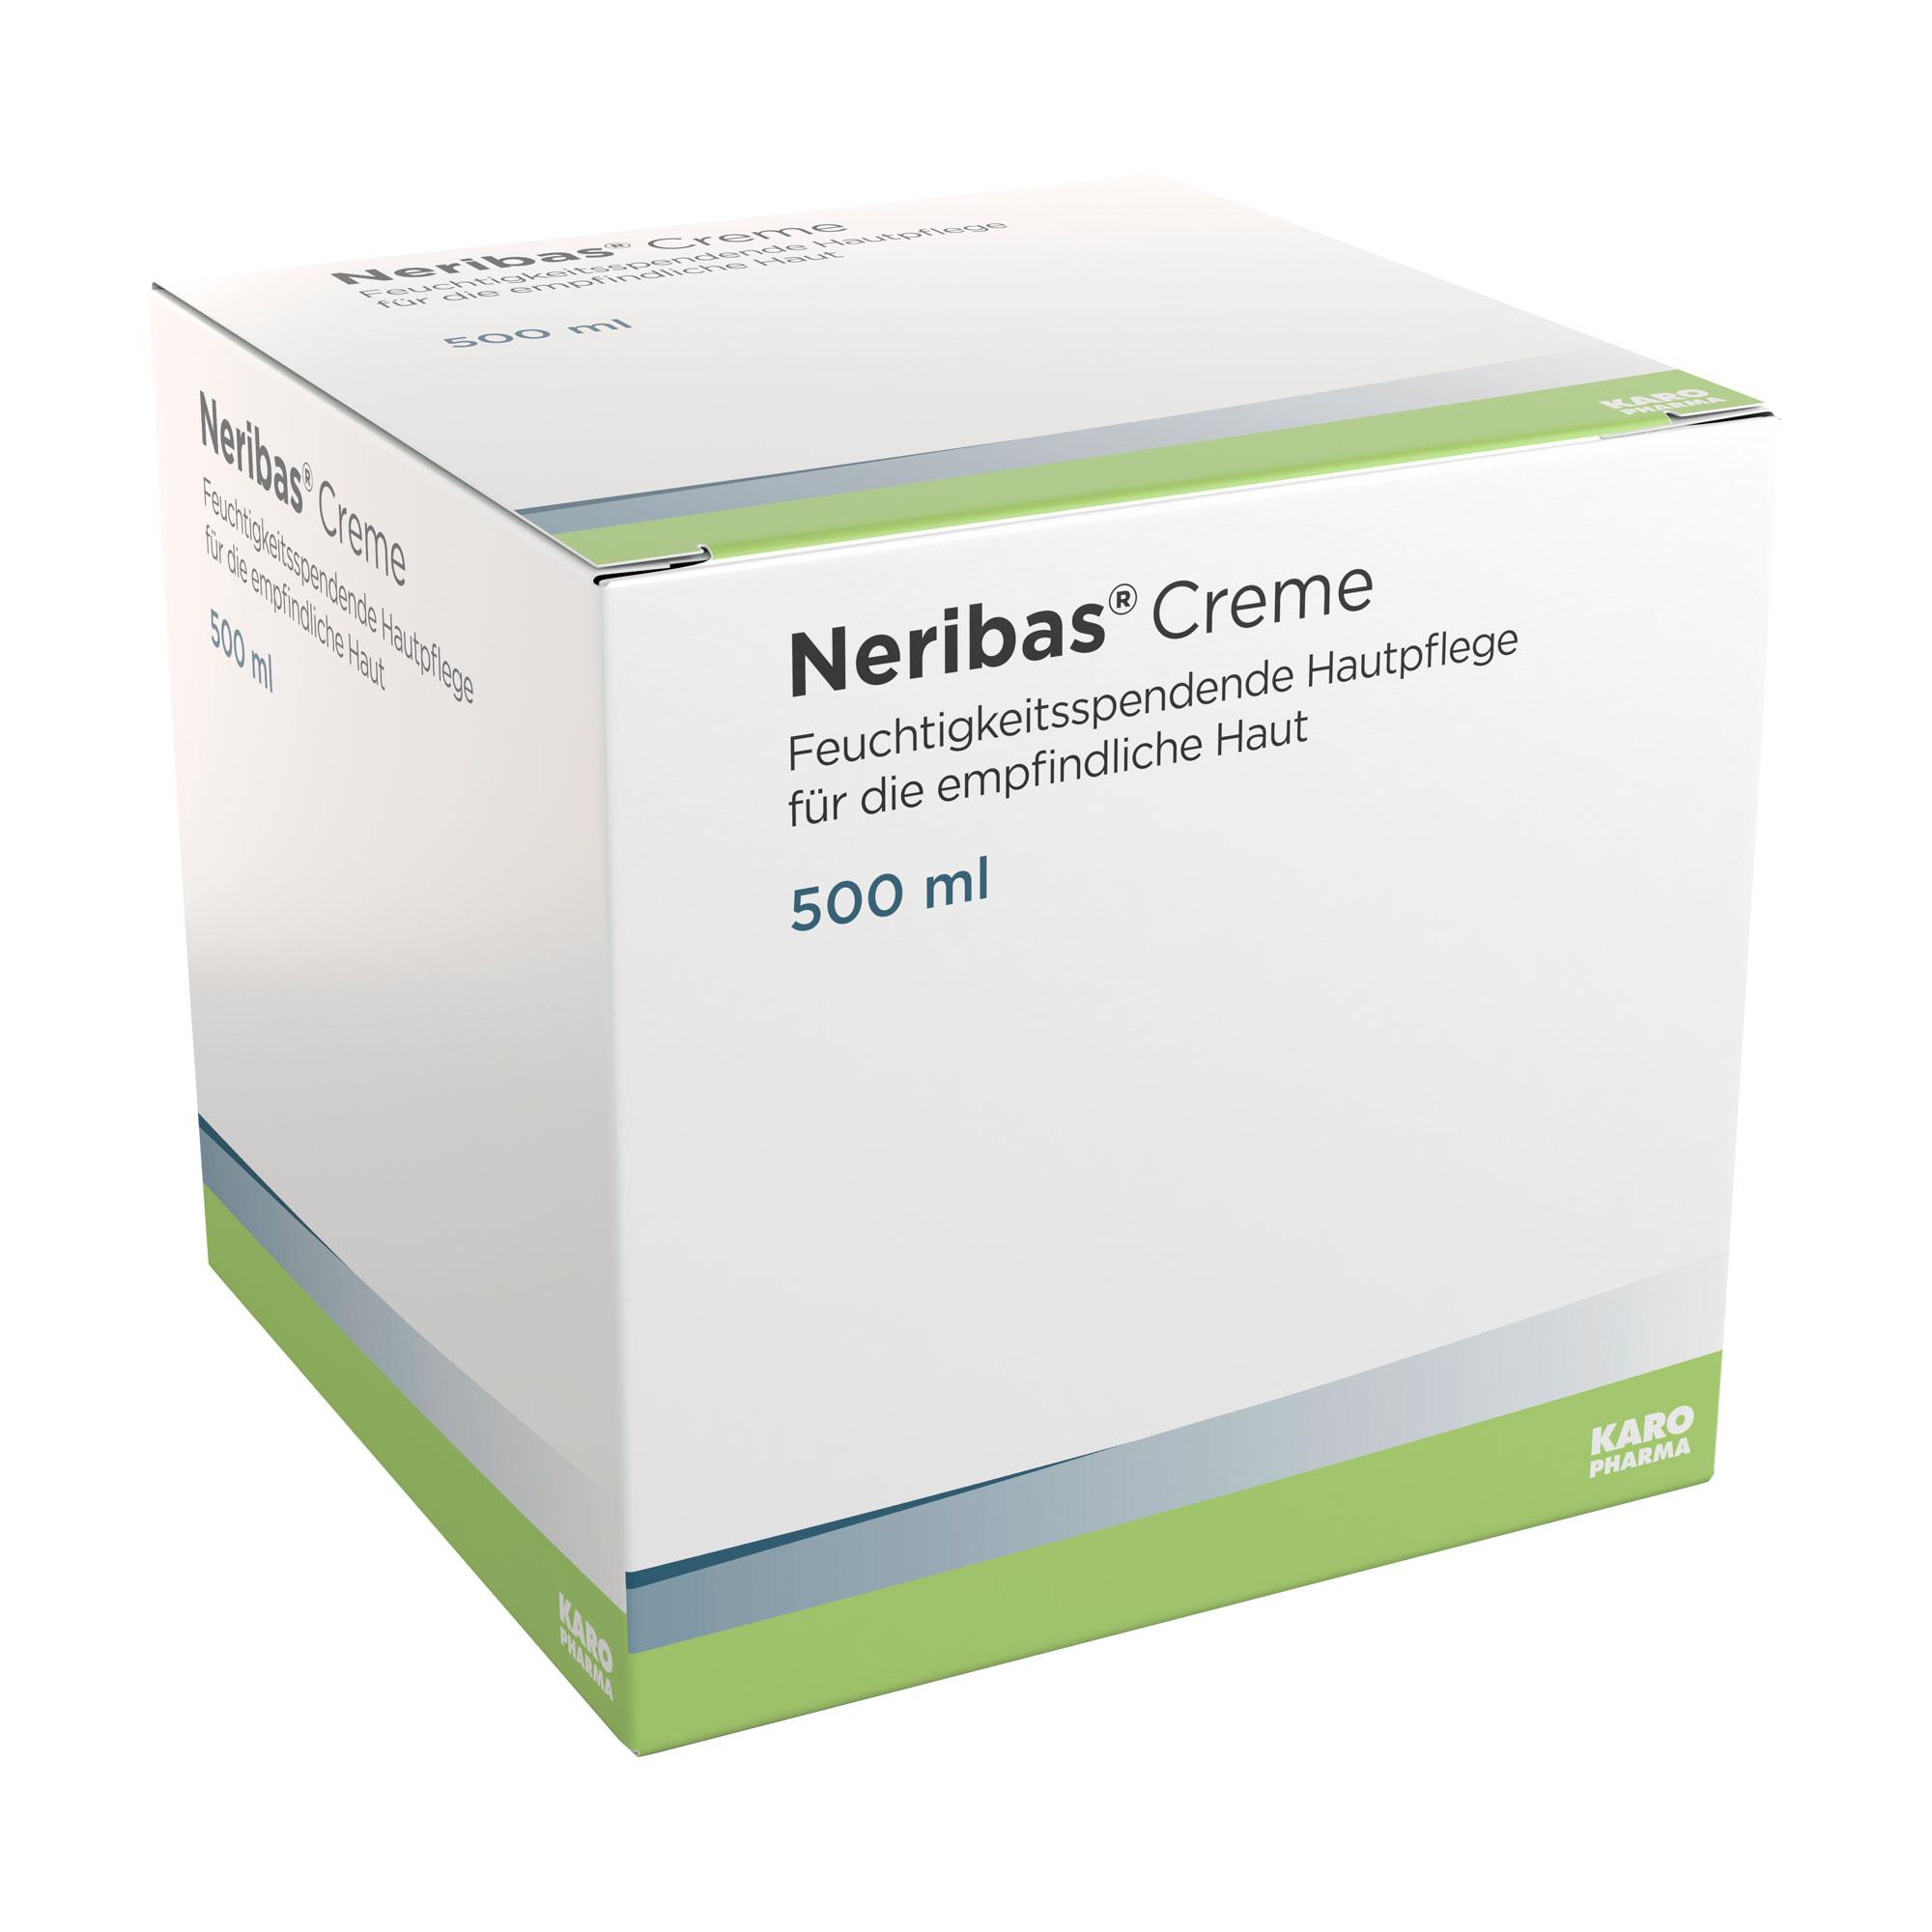 Neribas Creme für empfindliche Haut